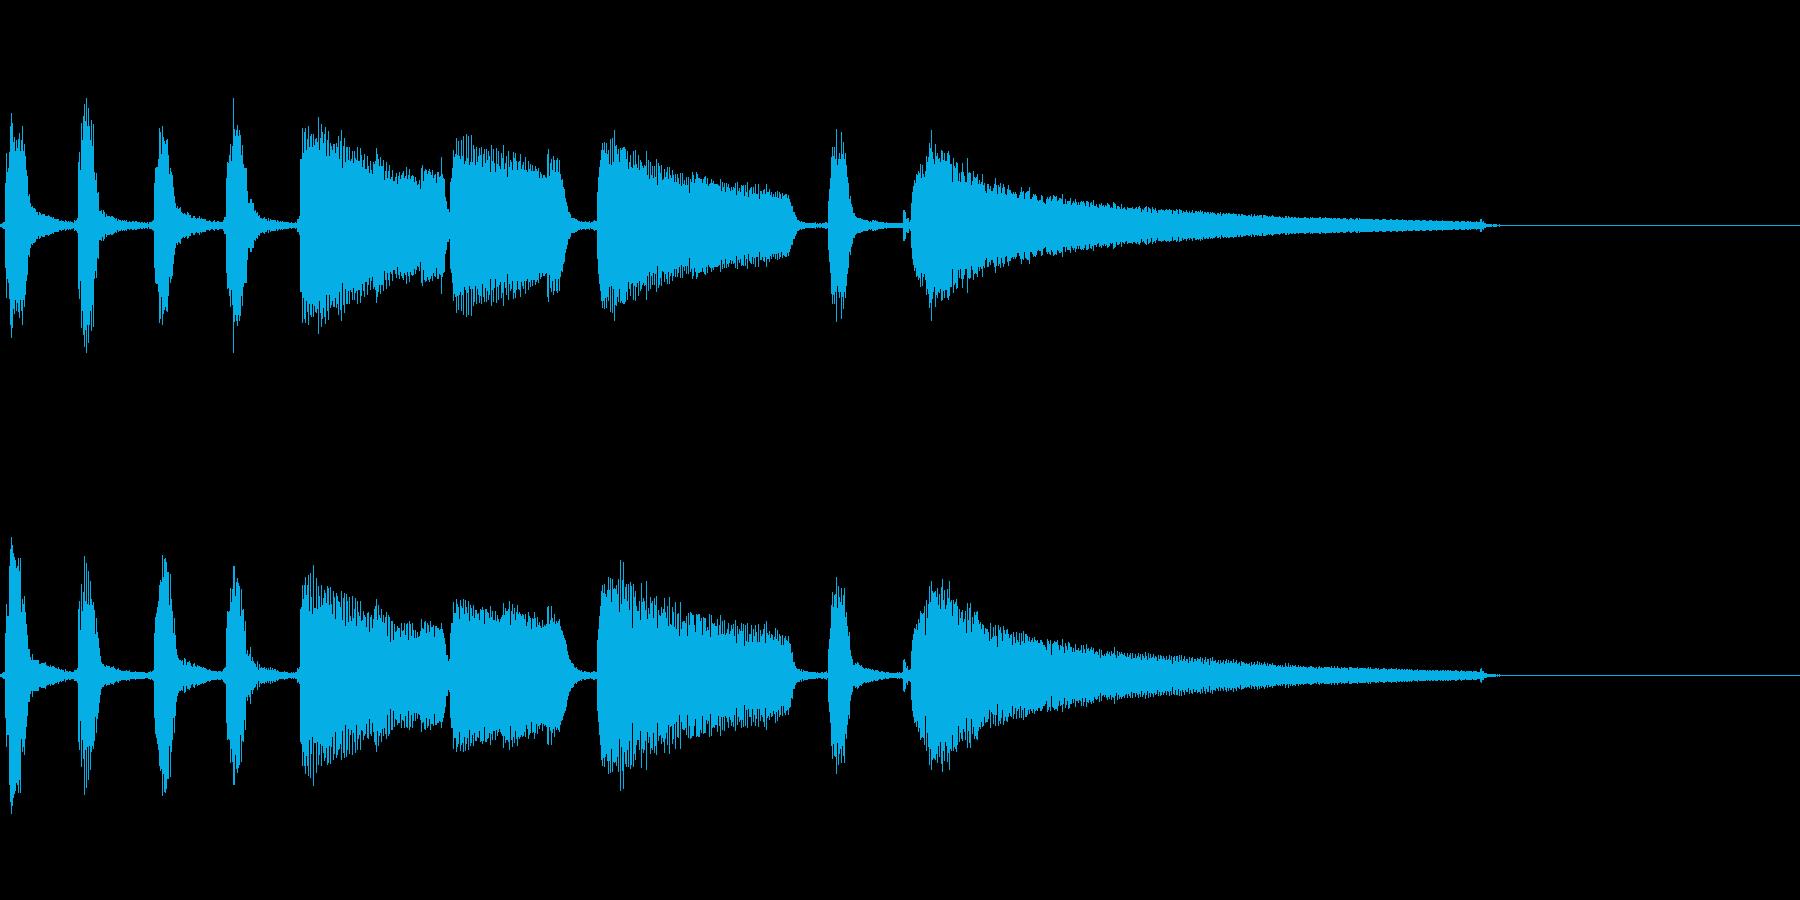 エレキギターの穏やかなジングルの再生済みの波形